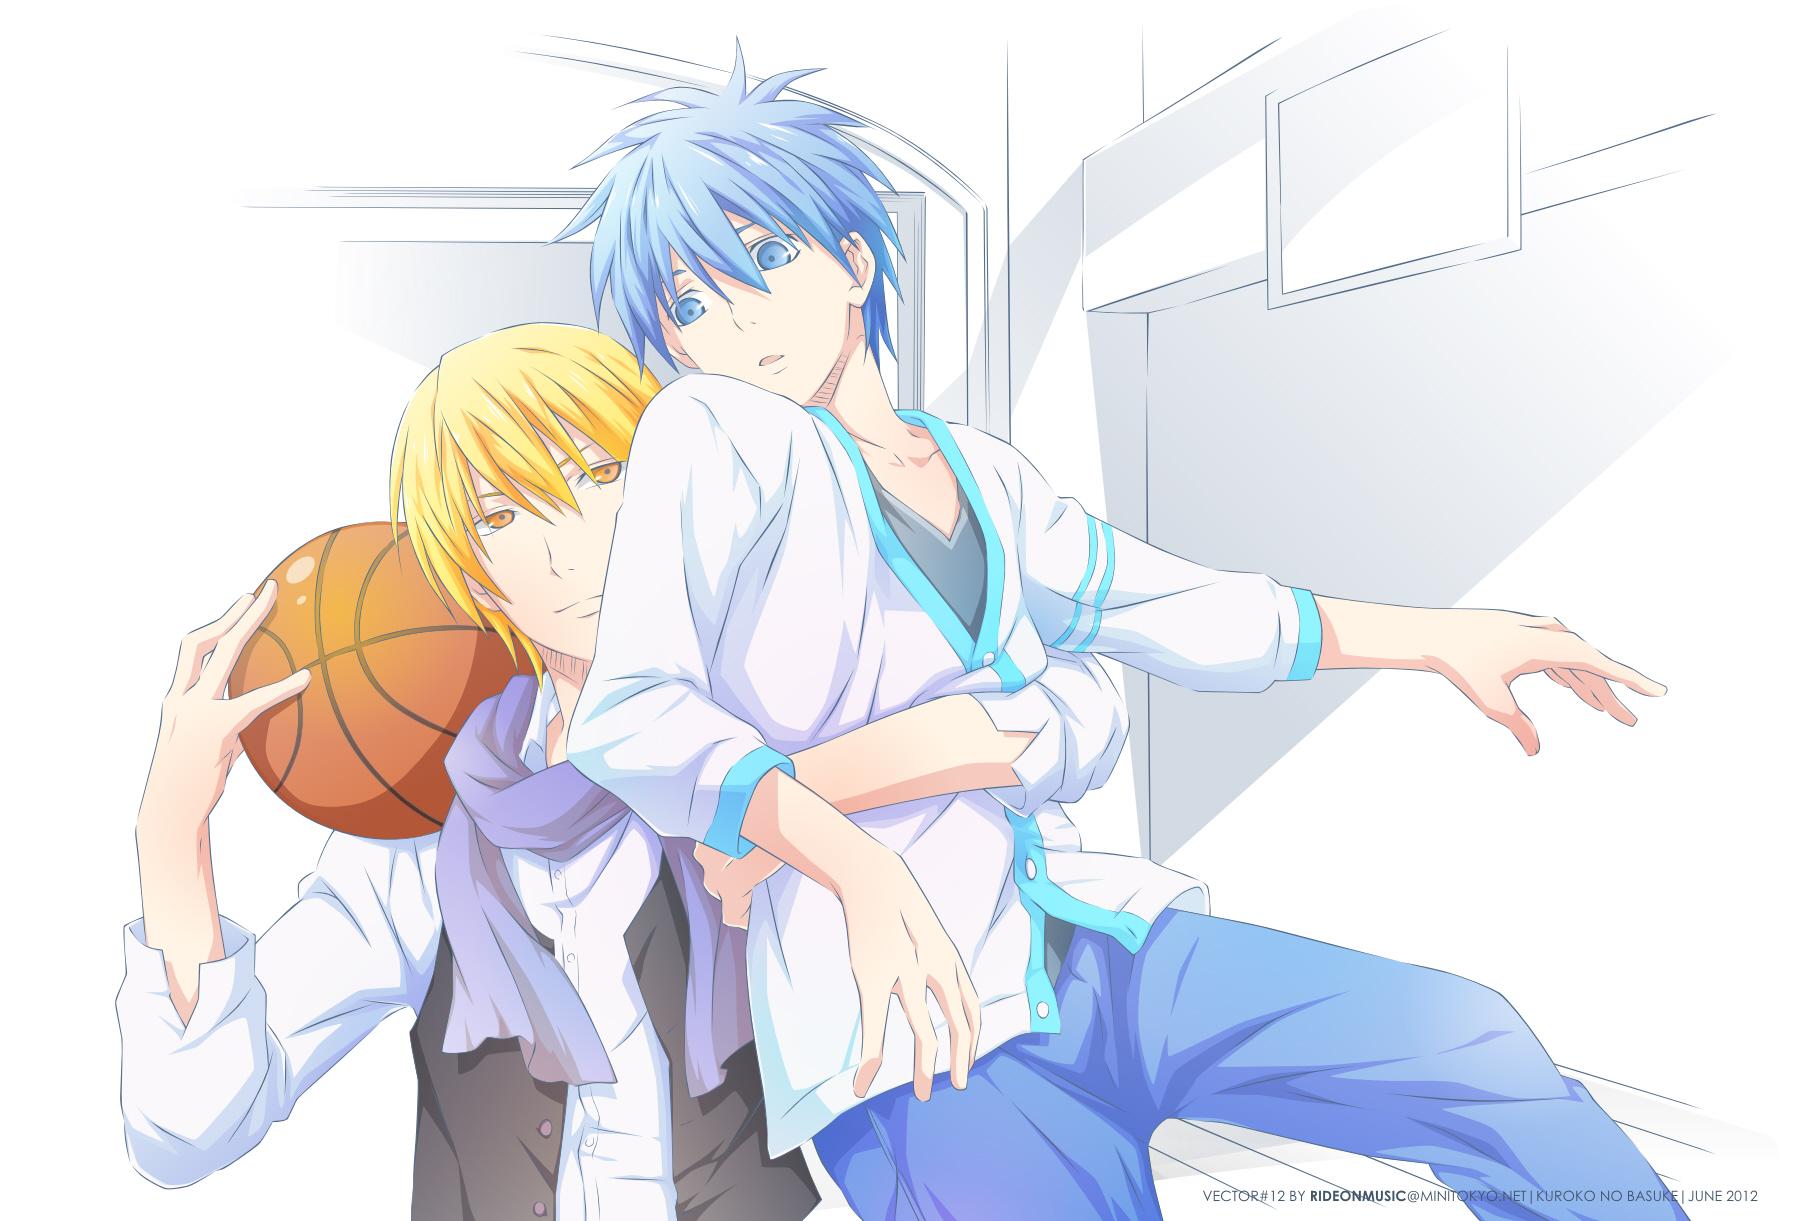 Tags anime basketball vest text mangaka name kuroko no basket